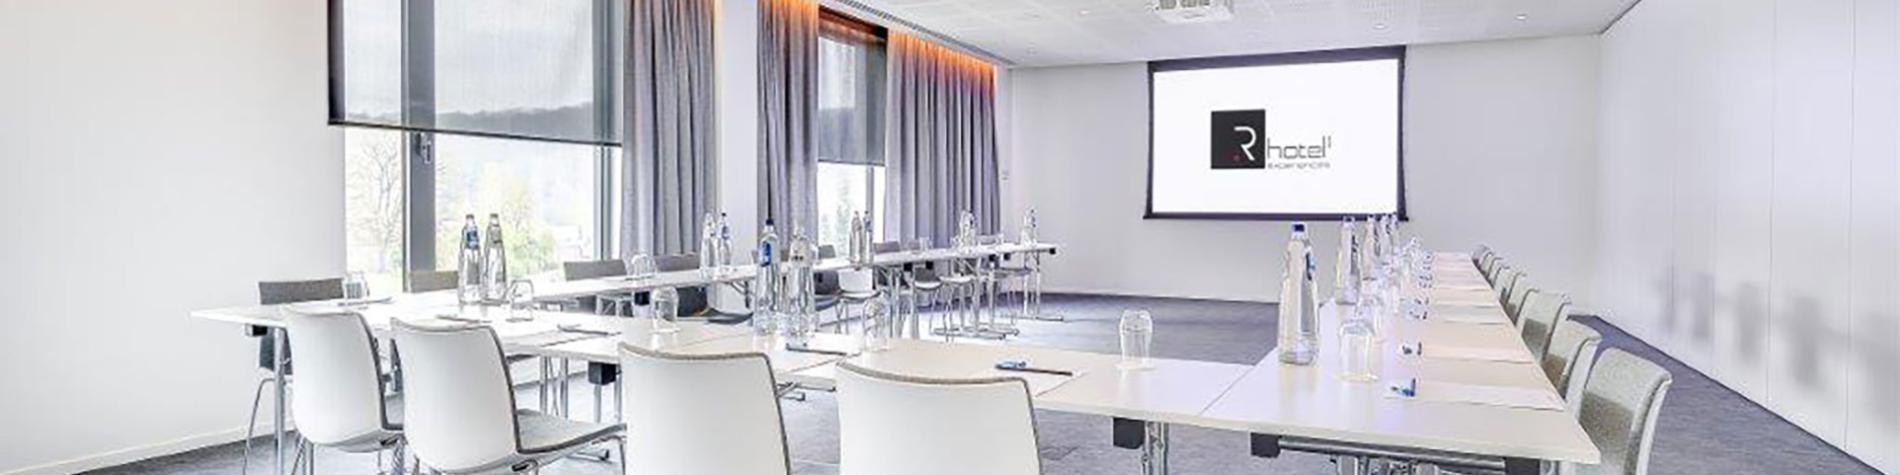 salle de séminaire en U avec chaises blanches et rétro-projecteur ainsi que lumière du jour. Parfait pour vos événements d'affaires en Wallonie